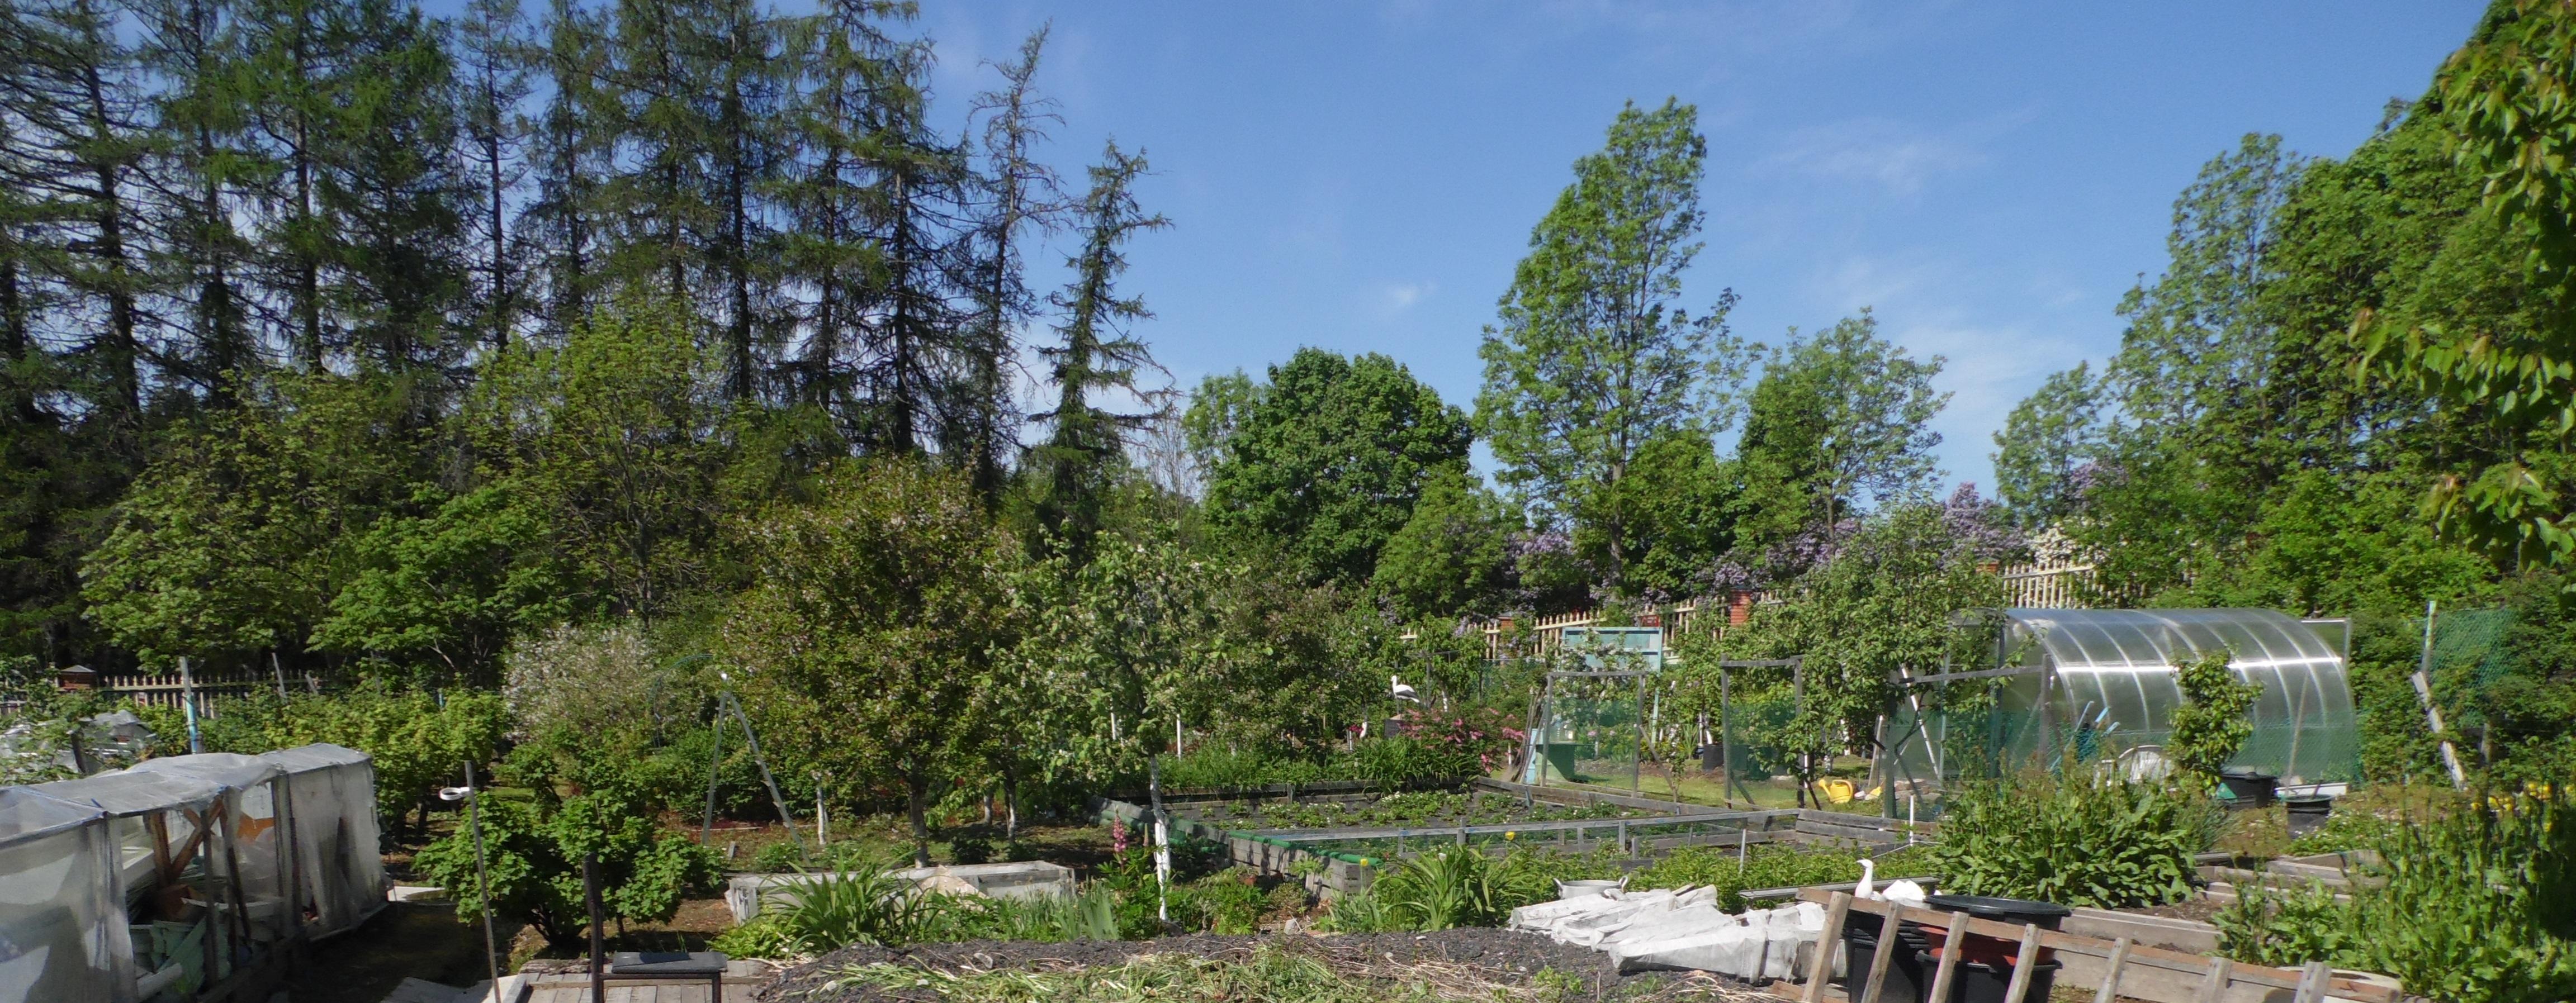 Удастся ли Сергею Григорьеву сохранить мемориальный сад? Фото: Алексей Владимиров